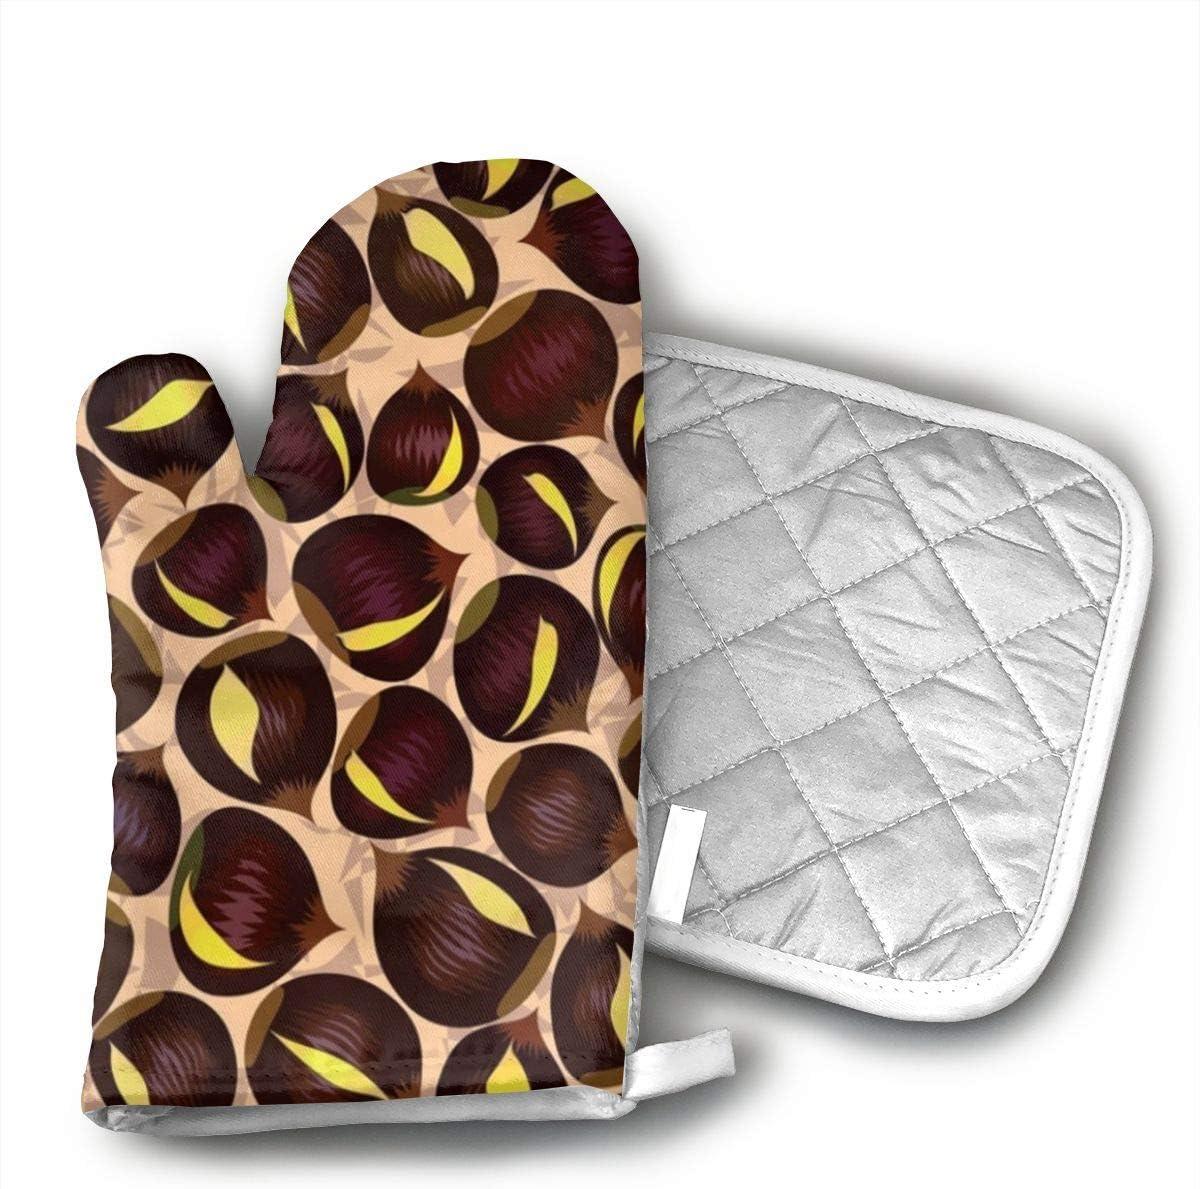 CASM Dark Brown Chestnut Unique Design Eyeballs.jpg Microwave Oven Gloves,Cotton Oven Gloves Heat Resistant Microwave Oven Kitchen Gloves